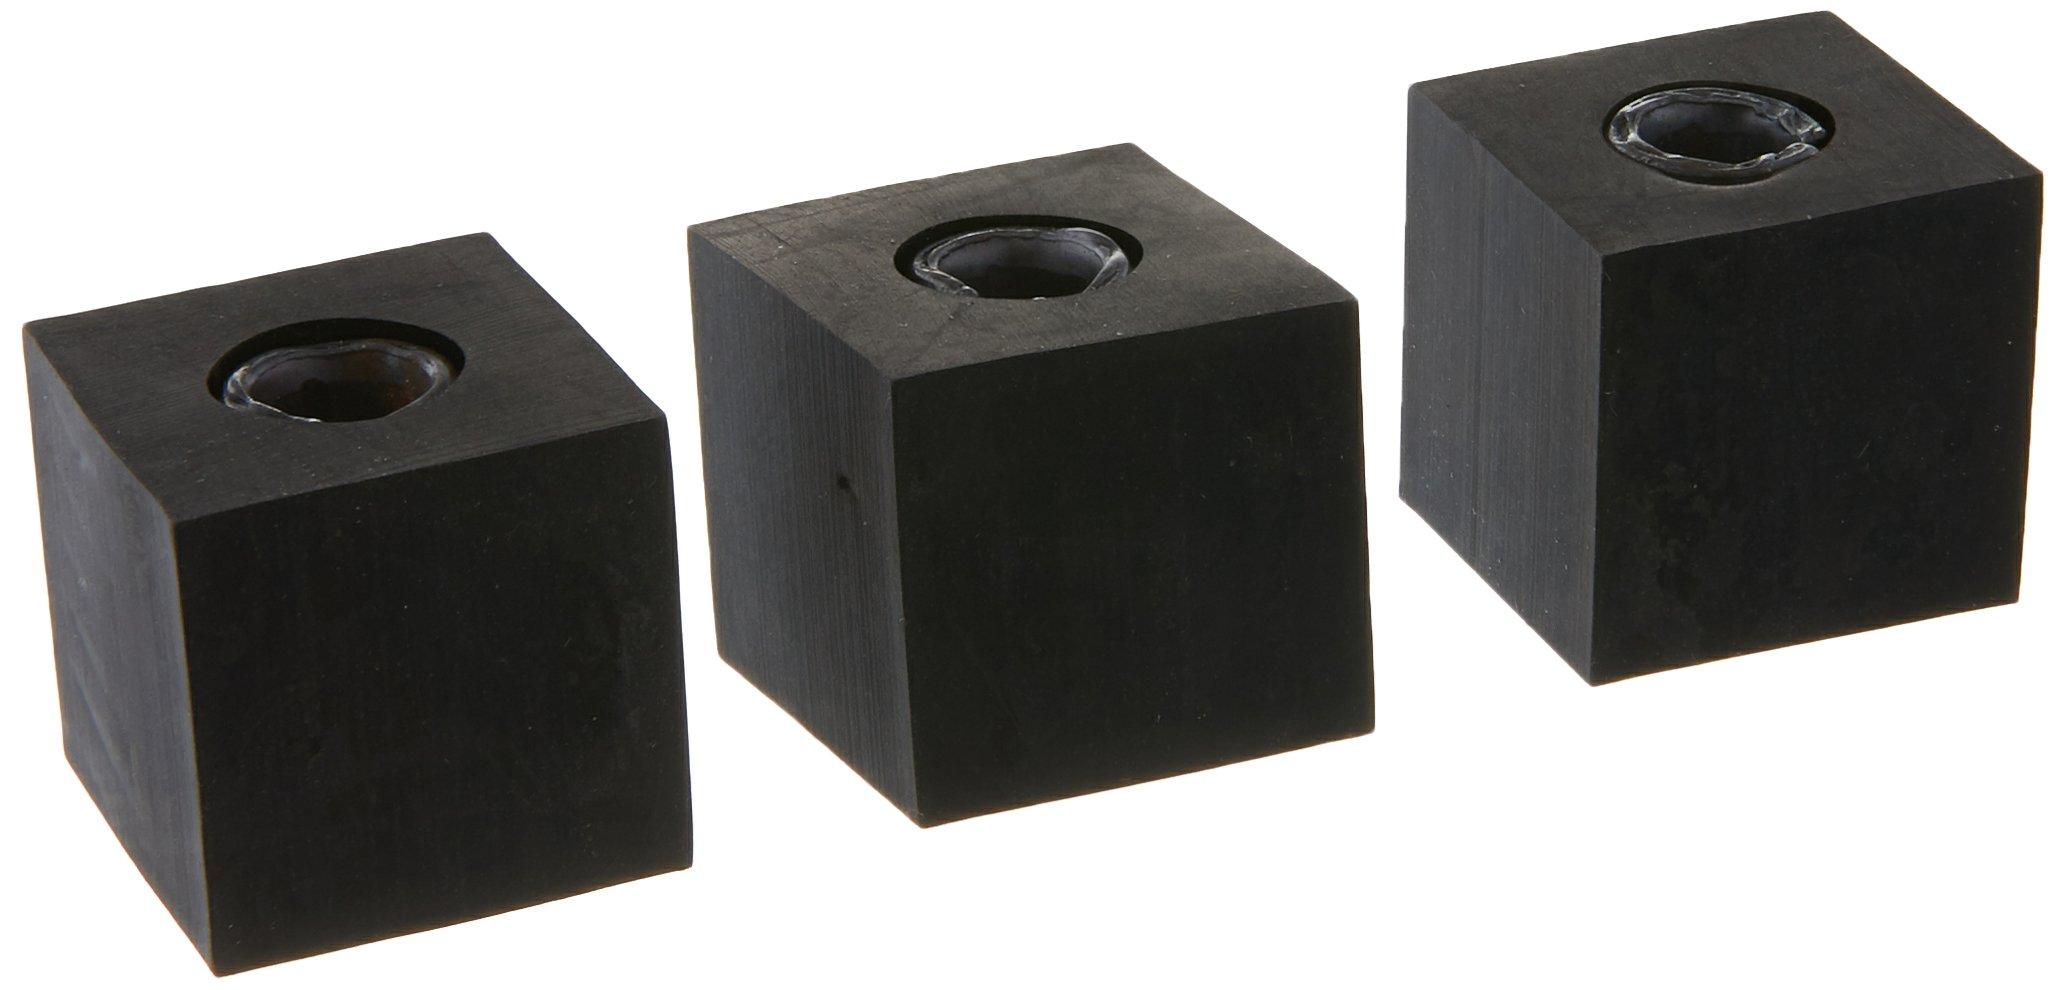 ALC Keysco ALC40164 Rubber Sealing Block for Pressure Blast Handle, 3 Pack (Rubber Sealing Block for Pressure Blast Handles, 3 Pack)